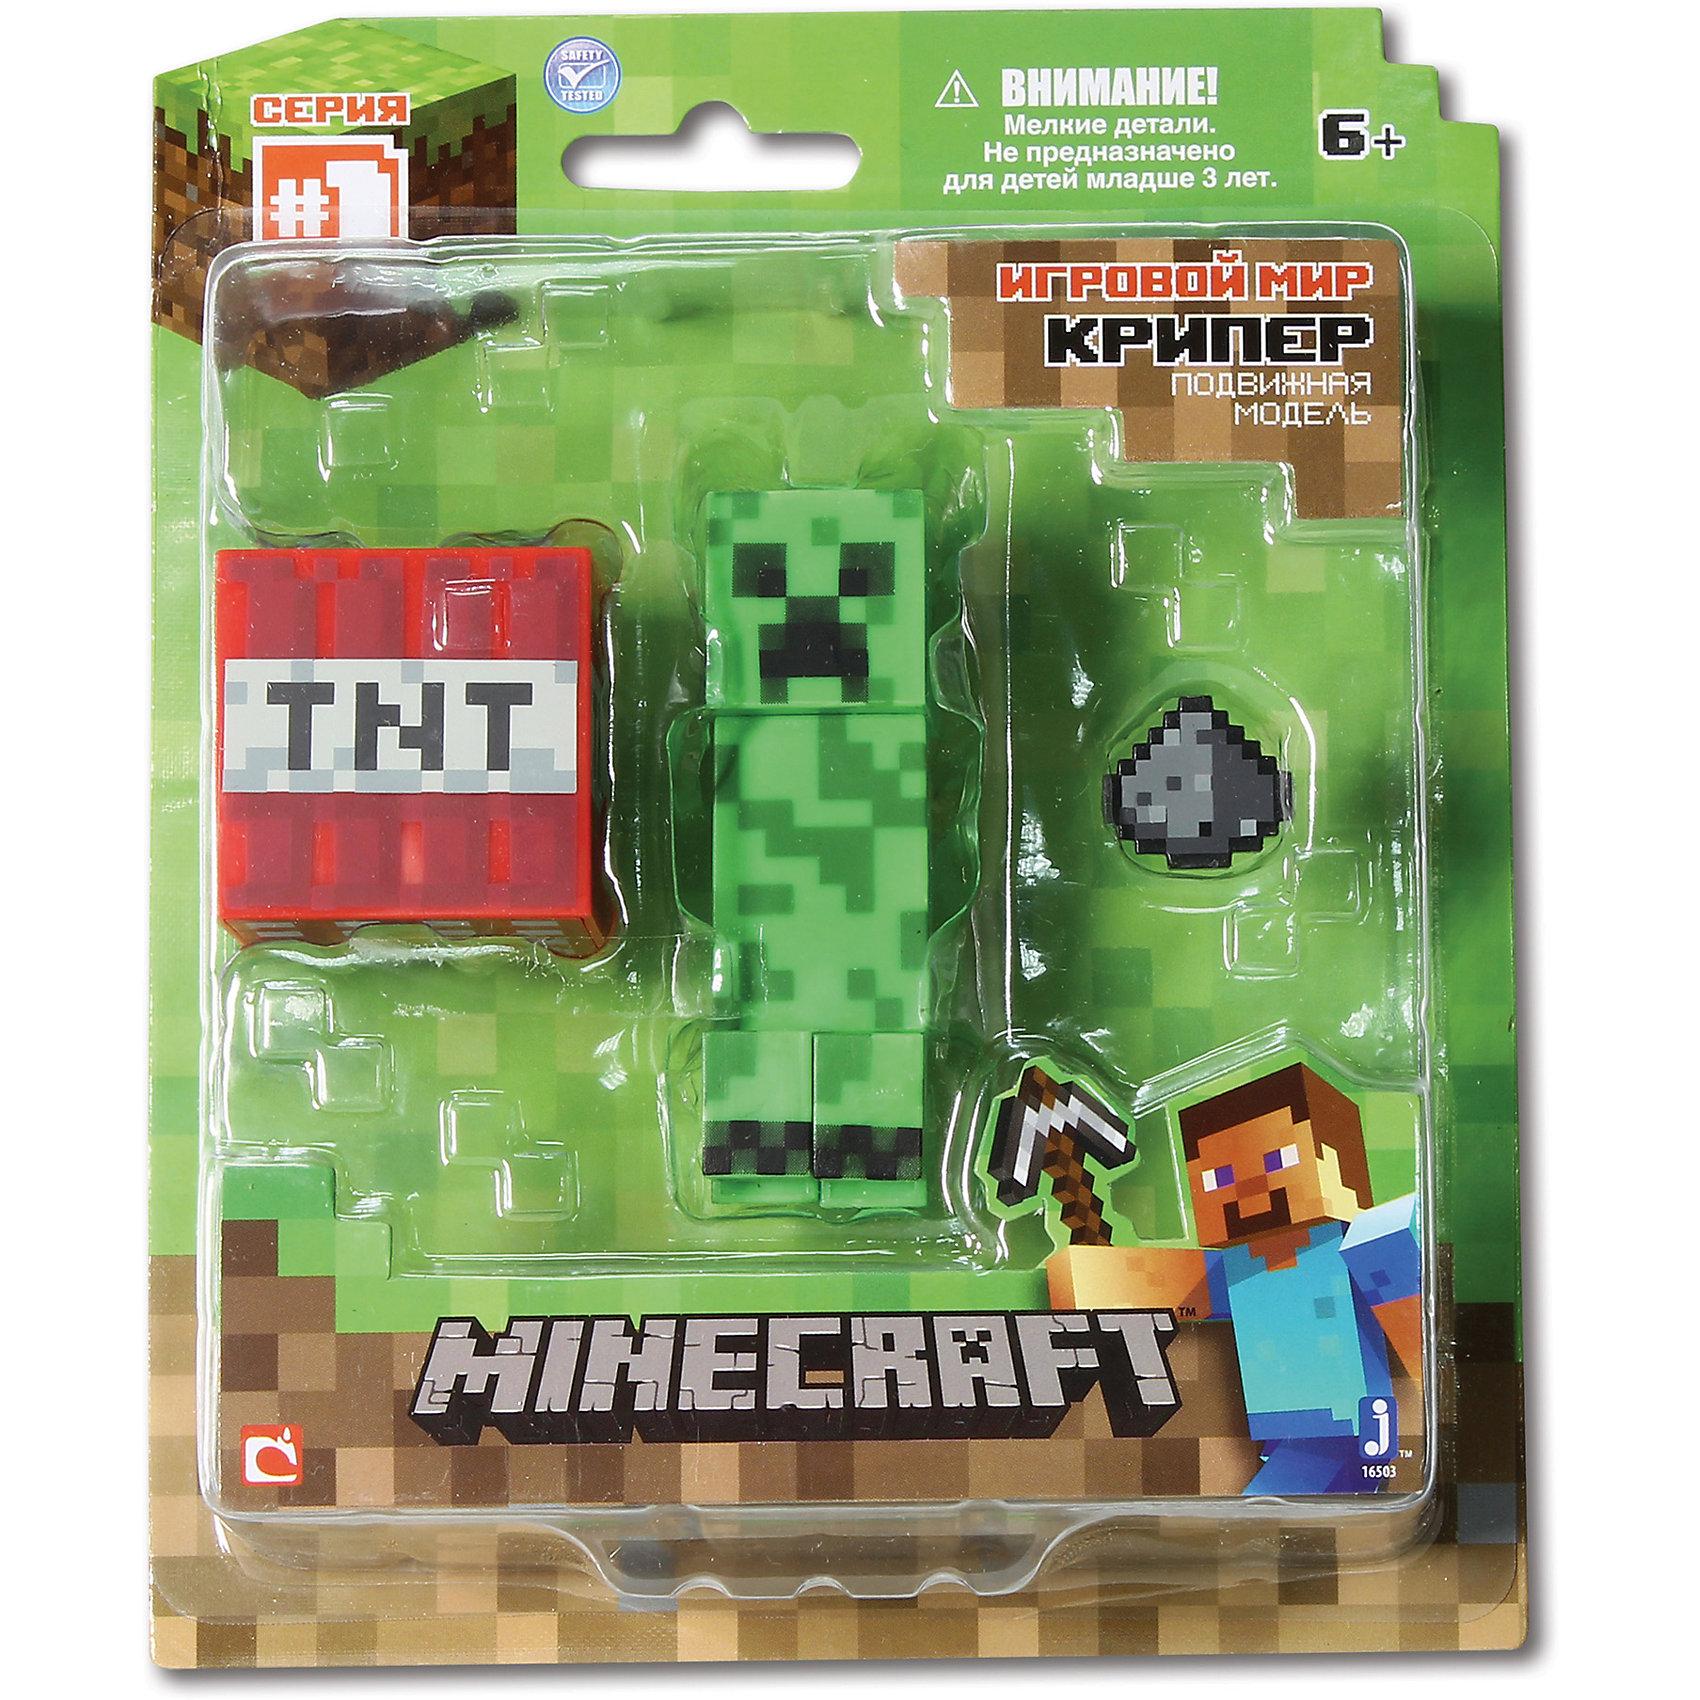 Игровой набор Крипер, MinecraftКоллекционные и игровые фигурки<br>Игровой набор Крипер, Minecraft – это прекрасный подарок для поклонника популярной игры Minecraft.<br>Игровой набор Крипер приведет в восторг поклонников компьютерной игры Minecraft. Теперь ваш ребенок сможет отвлечься от компьютера или планшета, не отрываясь от любимой забавы! Выполненный из высококачественного пластика, комплект включает подвижную фигурку моба-камикадзе Крипера, а также элементы фантастического мира – пиксельный куб взрывчатку, элемент ландшафта. У фигурки Крипера вращается голова, и сгибаются ножки. Фигурка прекрасно детализирована, реалистично раскрашена, очень похожа на персонажа компьютерной игры.<br><br>Дополнительная информация:<br><br>- В наборе: подвижная фигурка Крипера, куб взрывчатка, элемент ландшафта<br>- Размер фигурки: 7 х 2 х 2 см.<br>- Материал: пластик<br>- Упаковка: блистер<br>- Размер упаковки: 14х17 см.<br><br>Игровой набор Крипер, Minecraft можно купить в нашем интернет-магазине.<br><br>Ширина мм: 145<br>Глубина мм: 50<br>Высота мм: 175<br>Вес г: 100<br>Возраст от месяцев: 72<br>Возраст до месяцев: 144<br>Пол: Унисекс<br>Возраст: Детский<br>SKU: 4655101